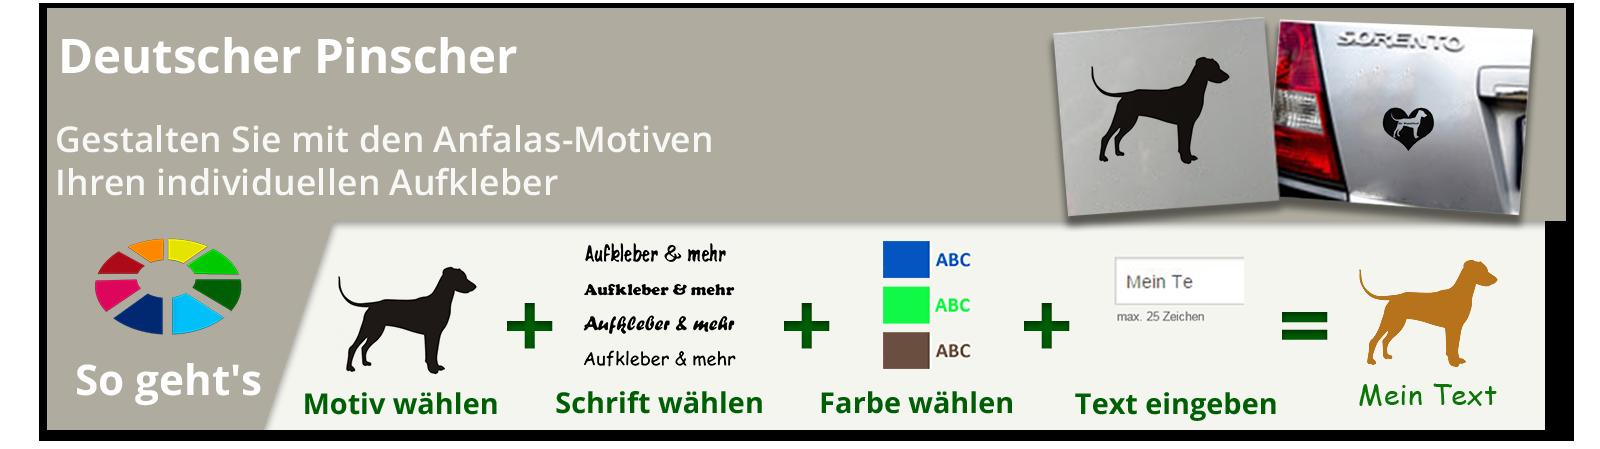 Deutscher Pinscher Aufkleber